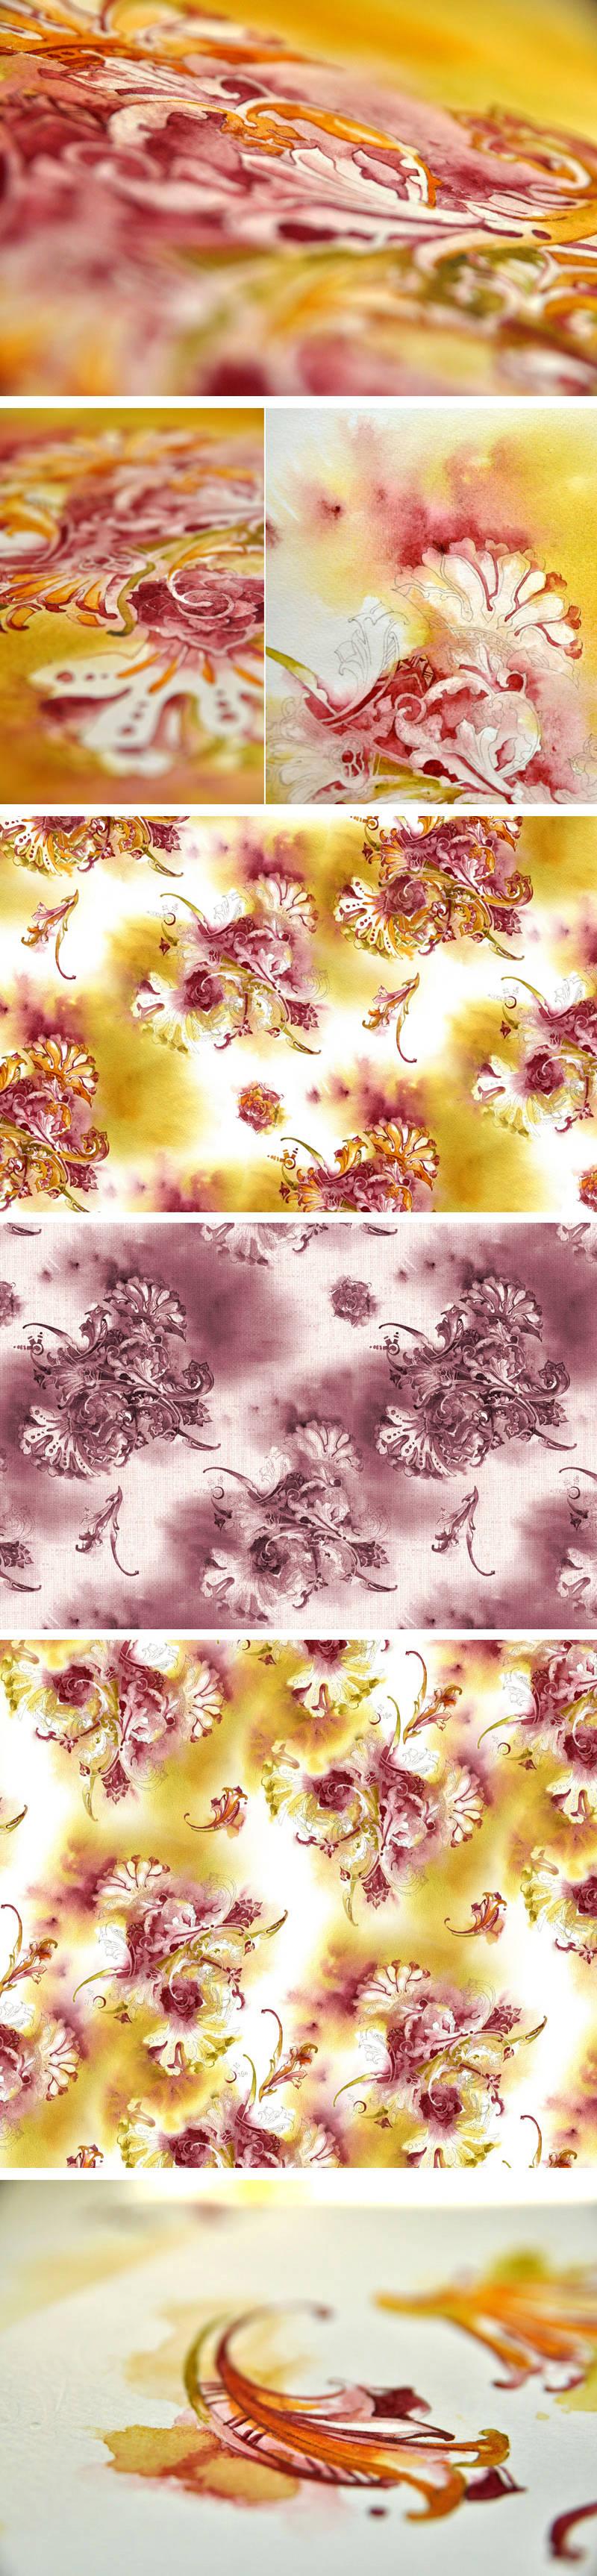 Ornamental watercolor pattern